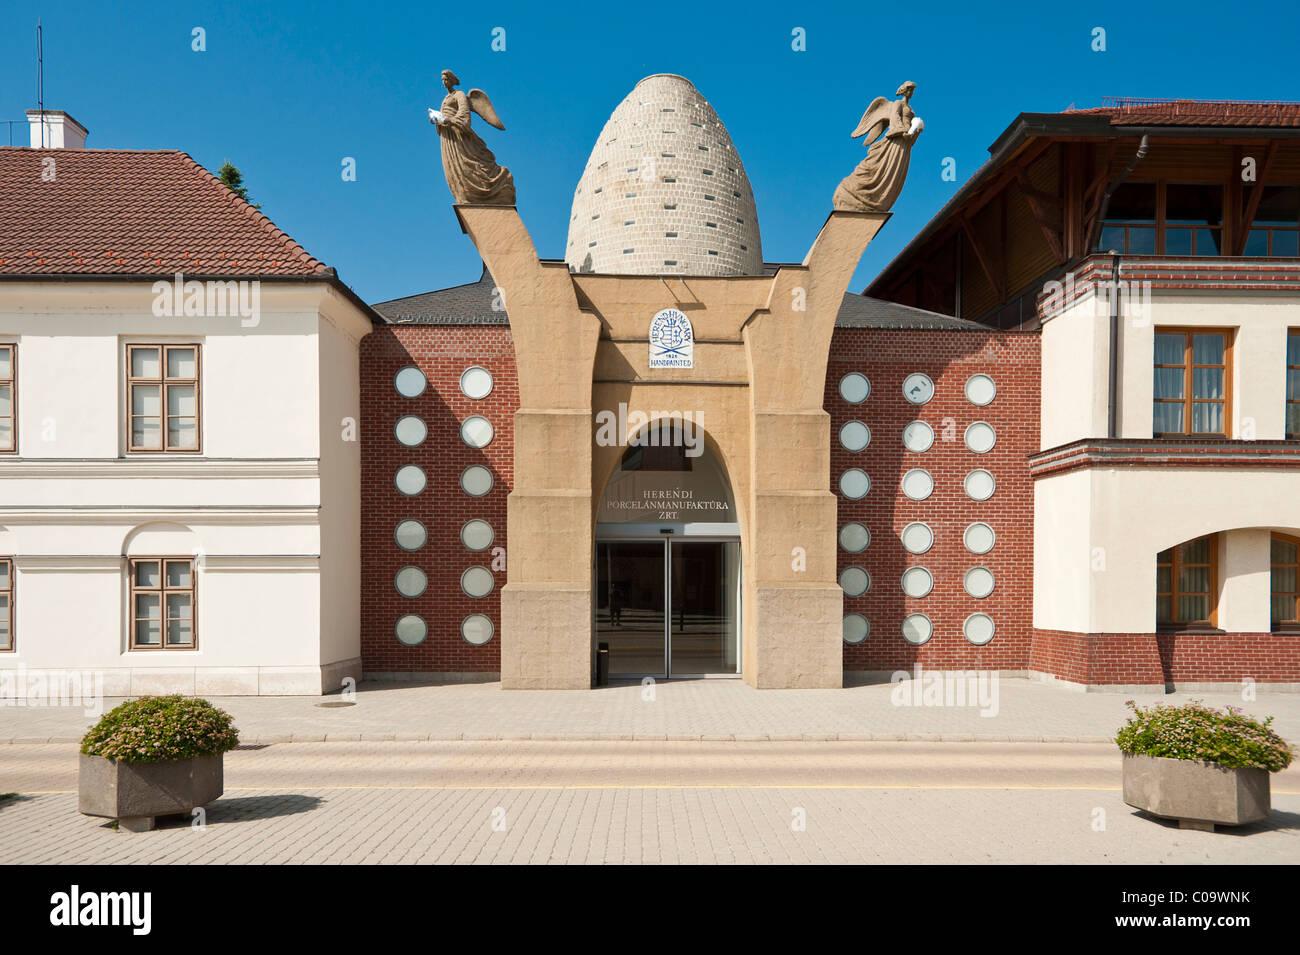 Porzellanmanufaktur und Porzellanmuseum, Herend, Ungarn, Europa Stockbild